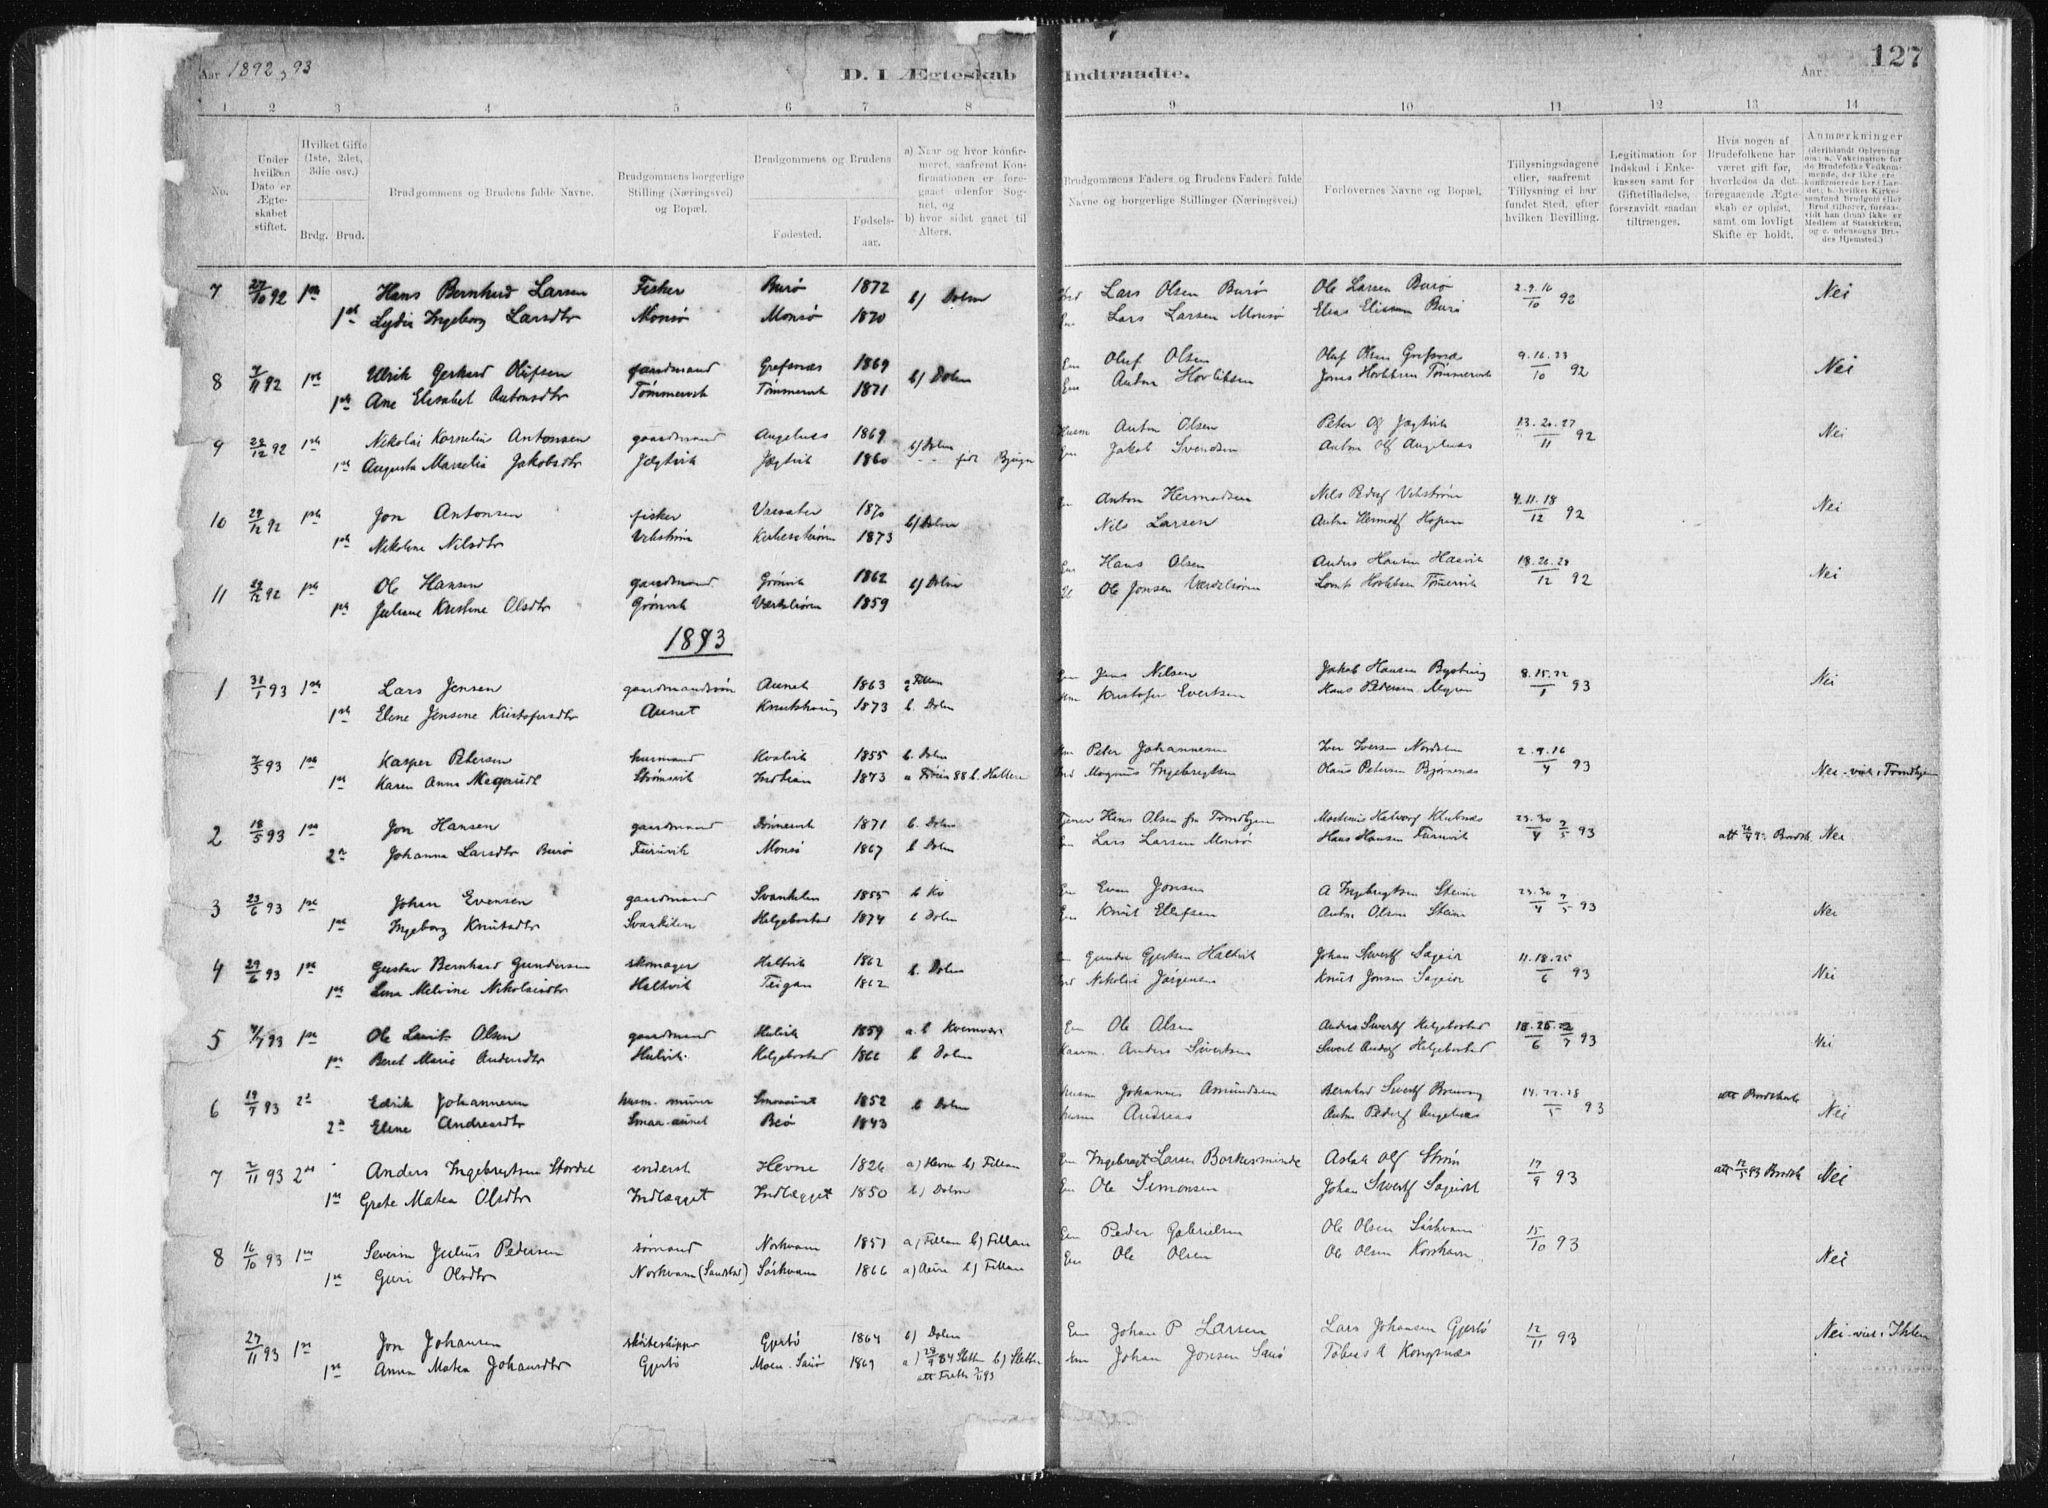 SAT, Ministerialprotokoller, klokkerbøker og fødselsregistre - Sør-Trøndelag, 634/L0533: Ministerialbok nr. 634A09, 1882-1901, s. 127